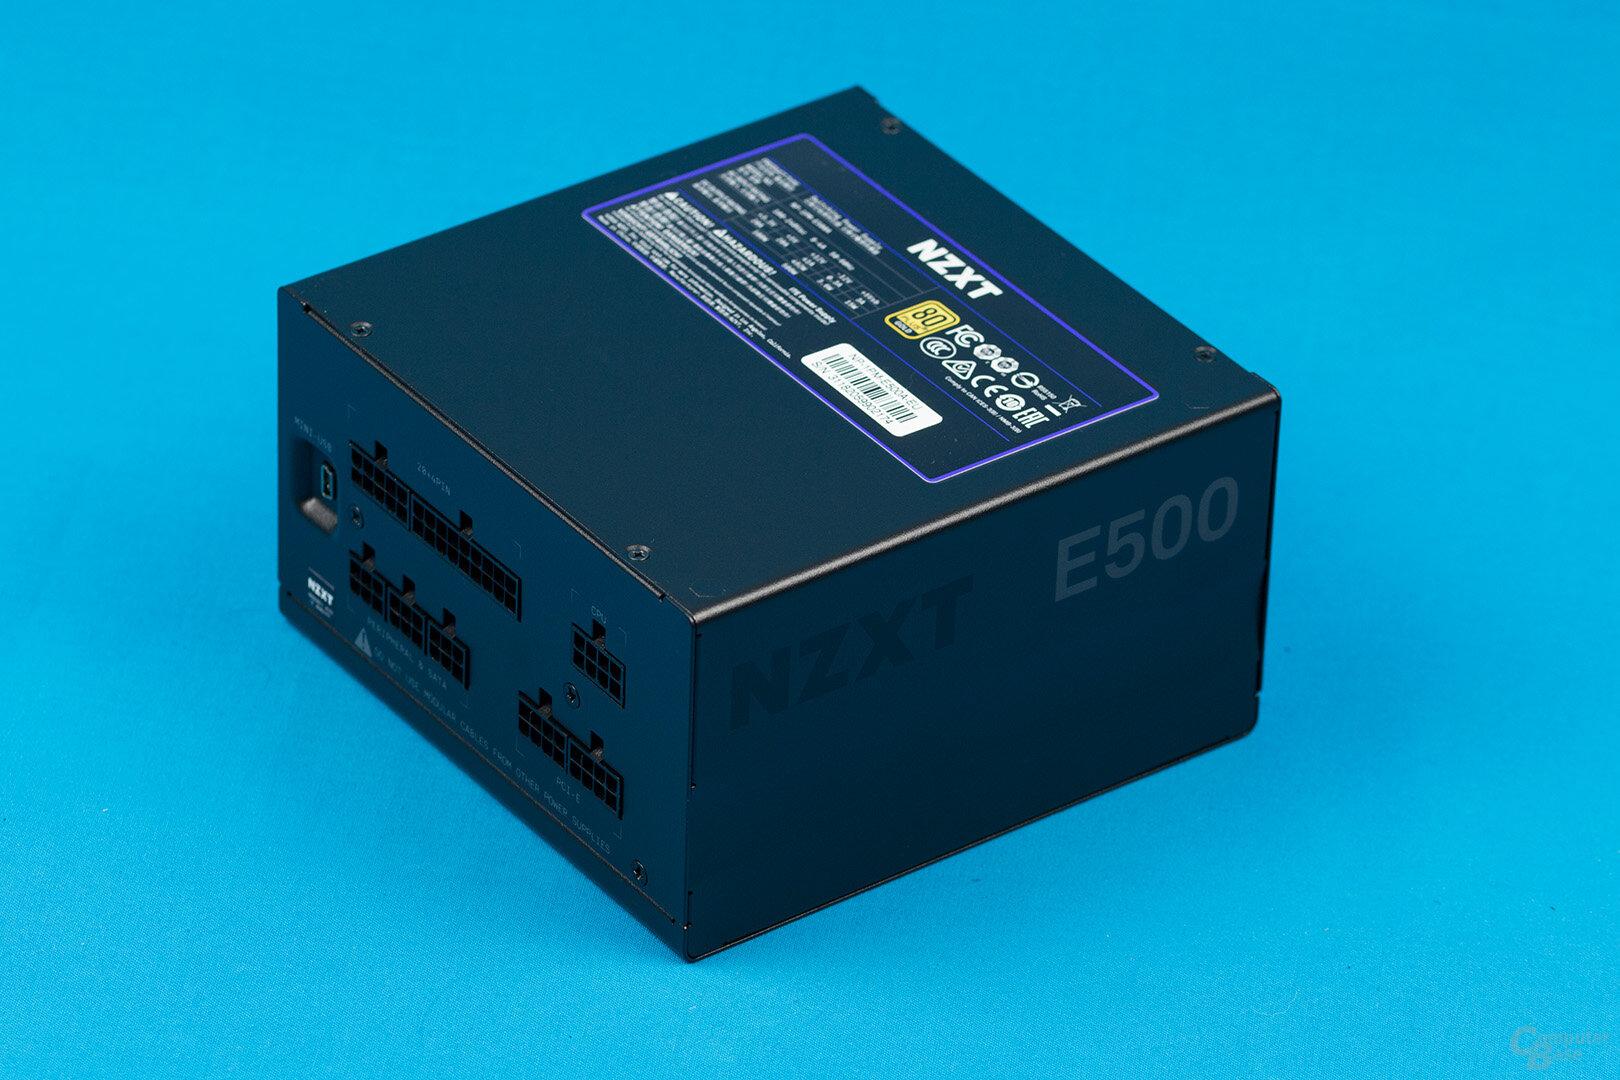 NZXT E500